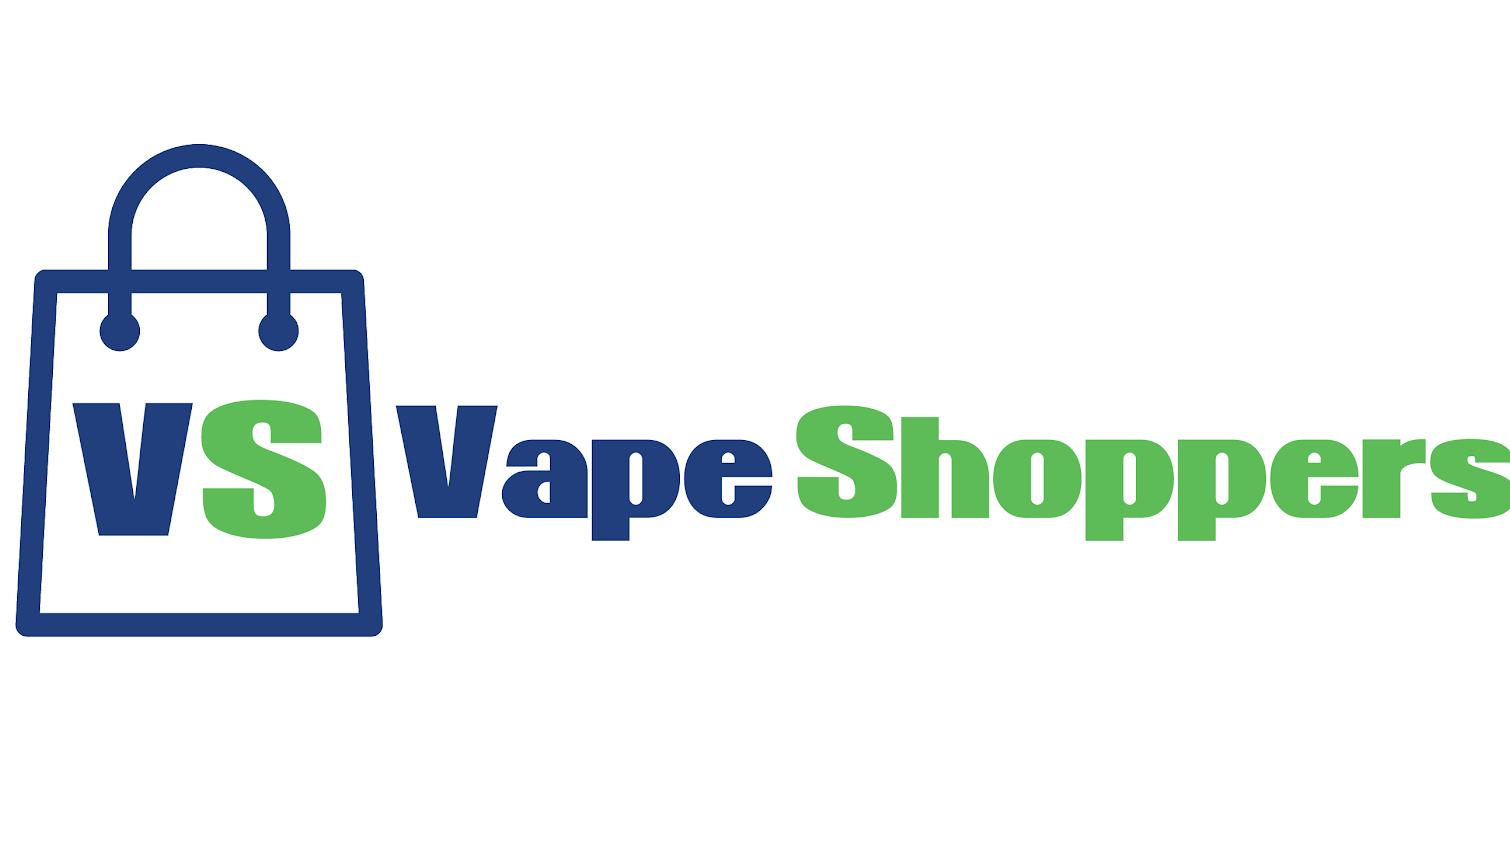 Vapeshoppers.co.uk